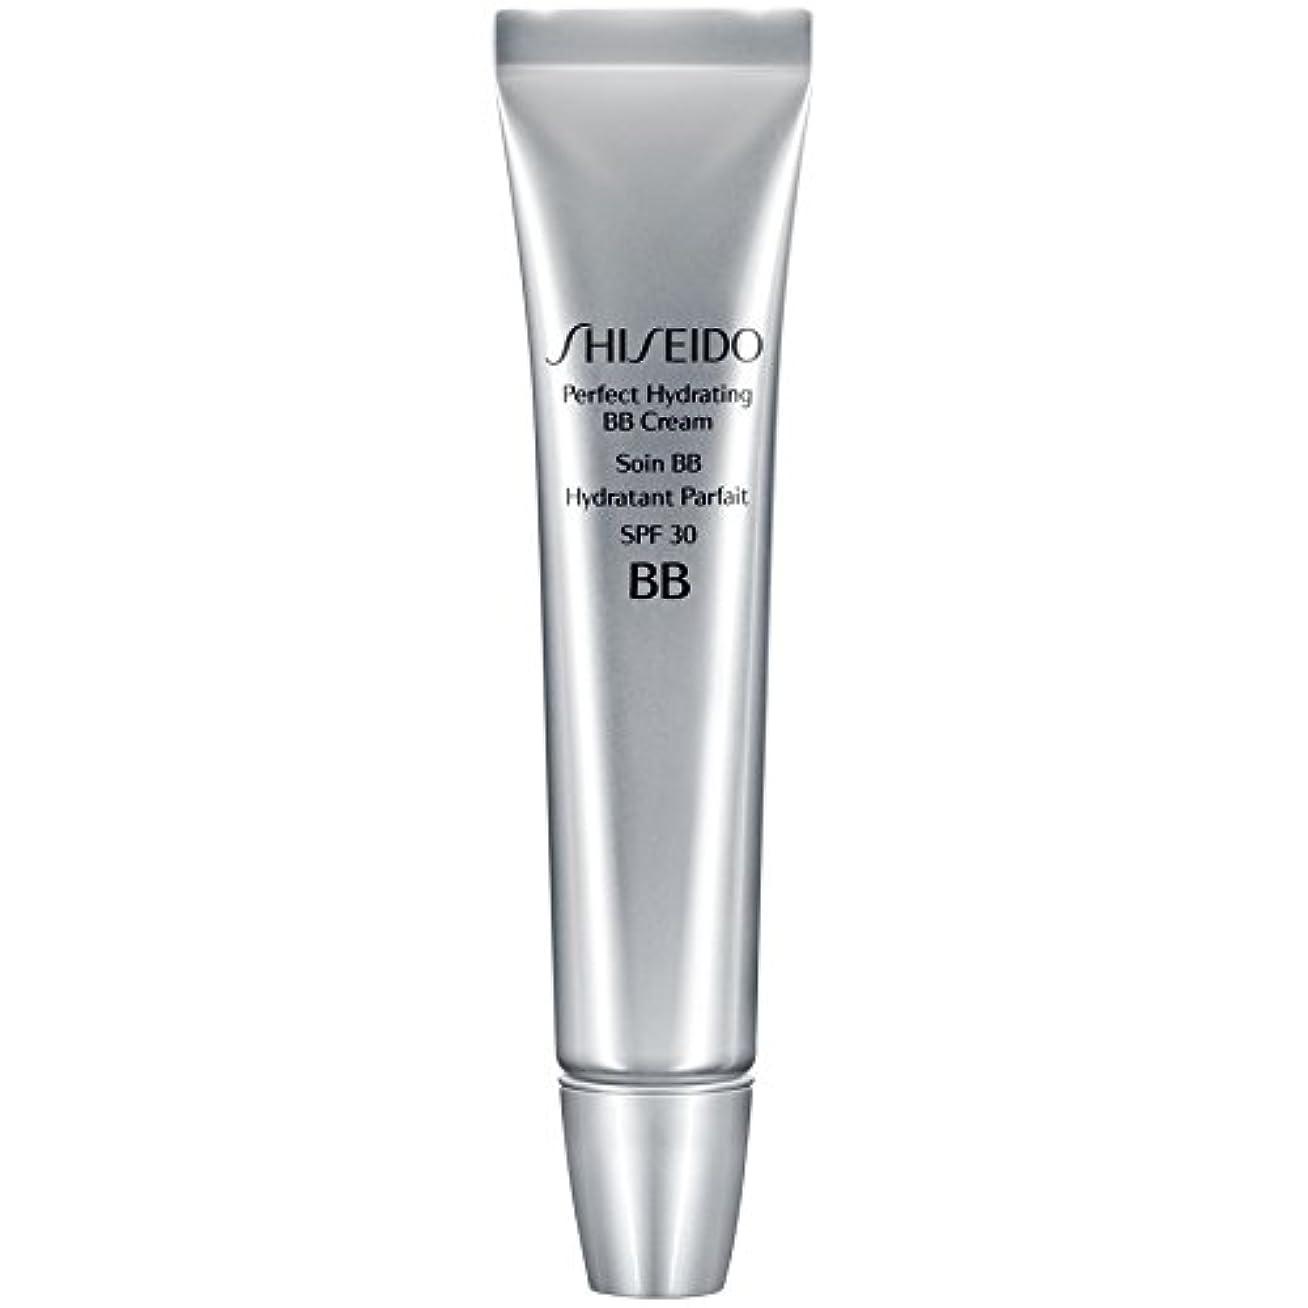 構想するモナリザ効率的[Shiseido ] 資生堂完璧な水和BbクリームSpf 30 30ミリリットルの暗いです - Shiseido Perfect Hydrating BB Cream SPF 30 30ml Dark [並行輸入品]